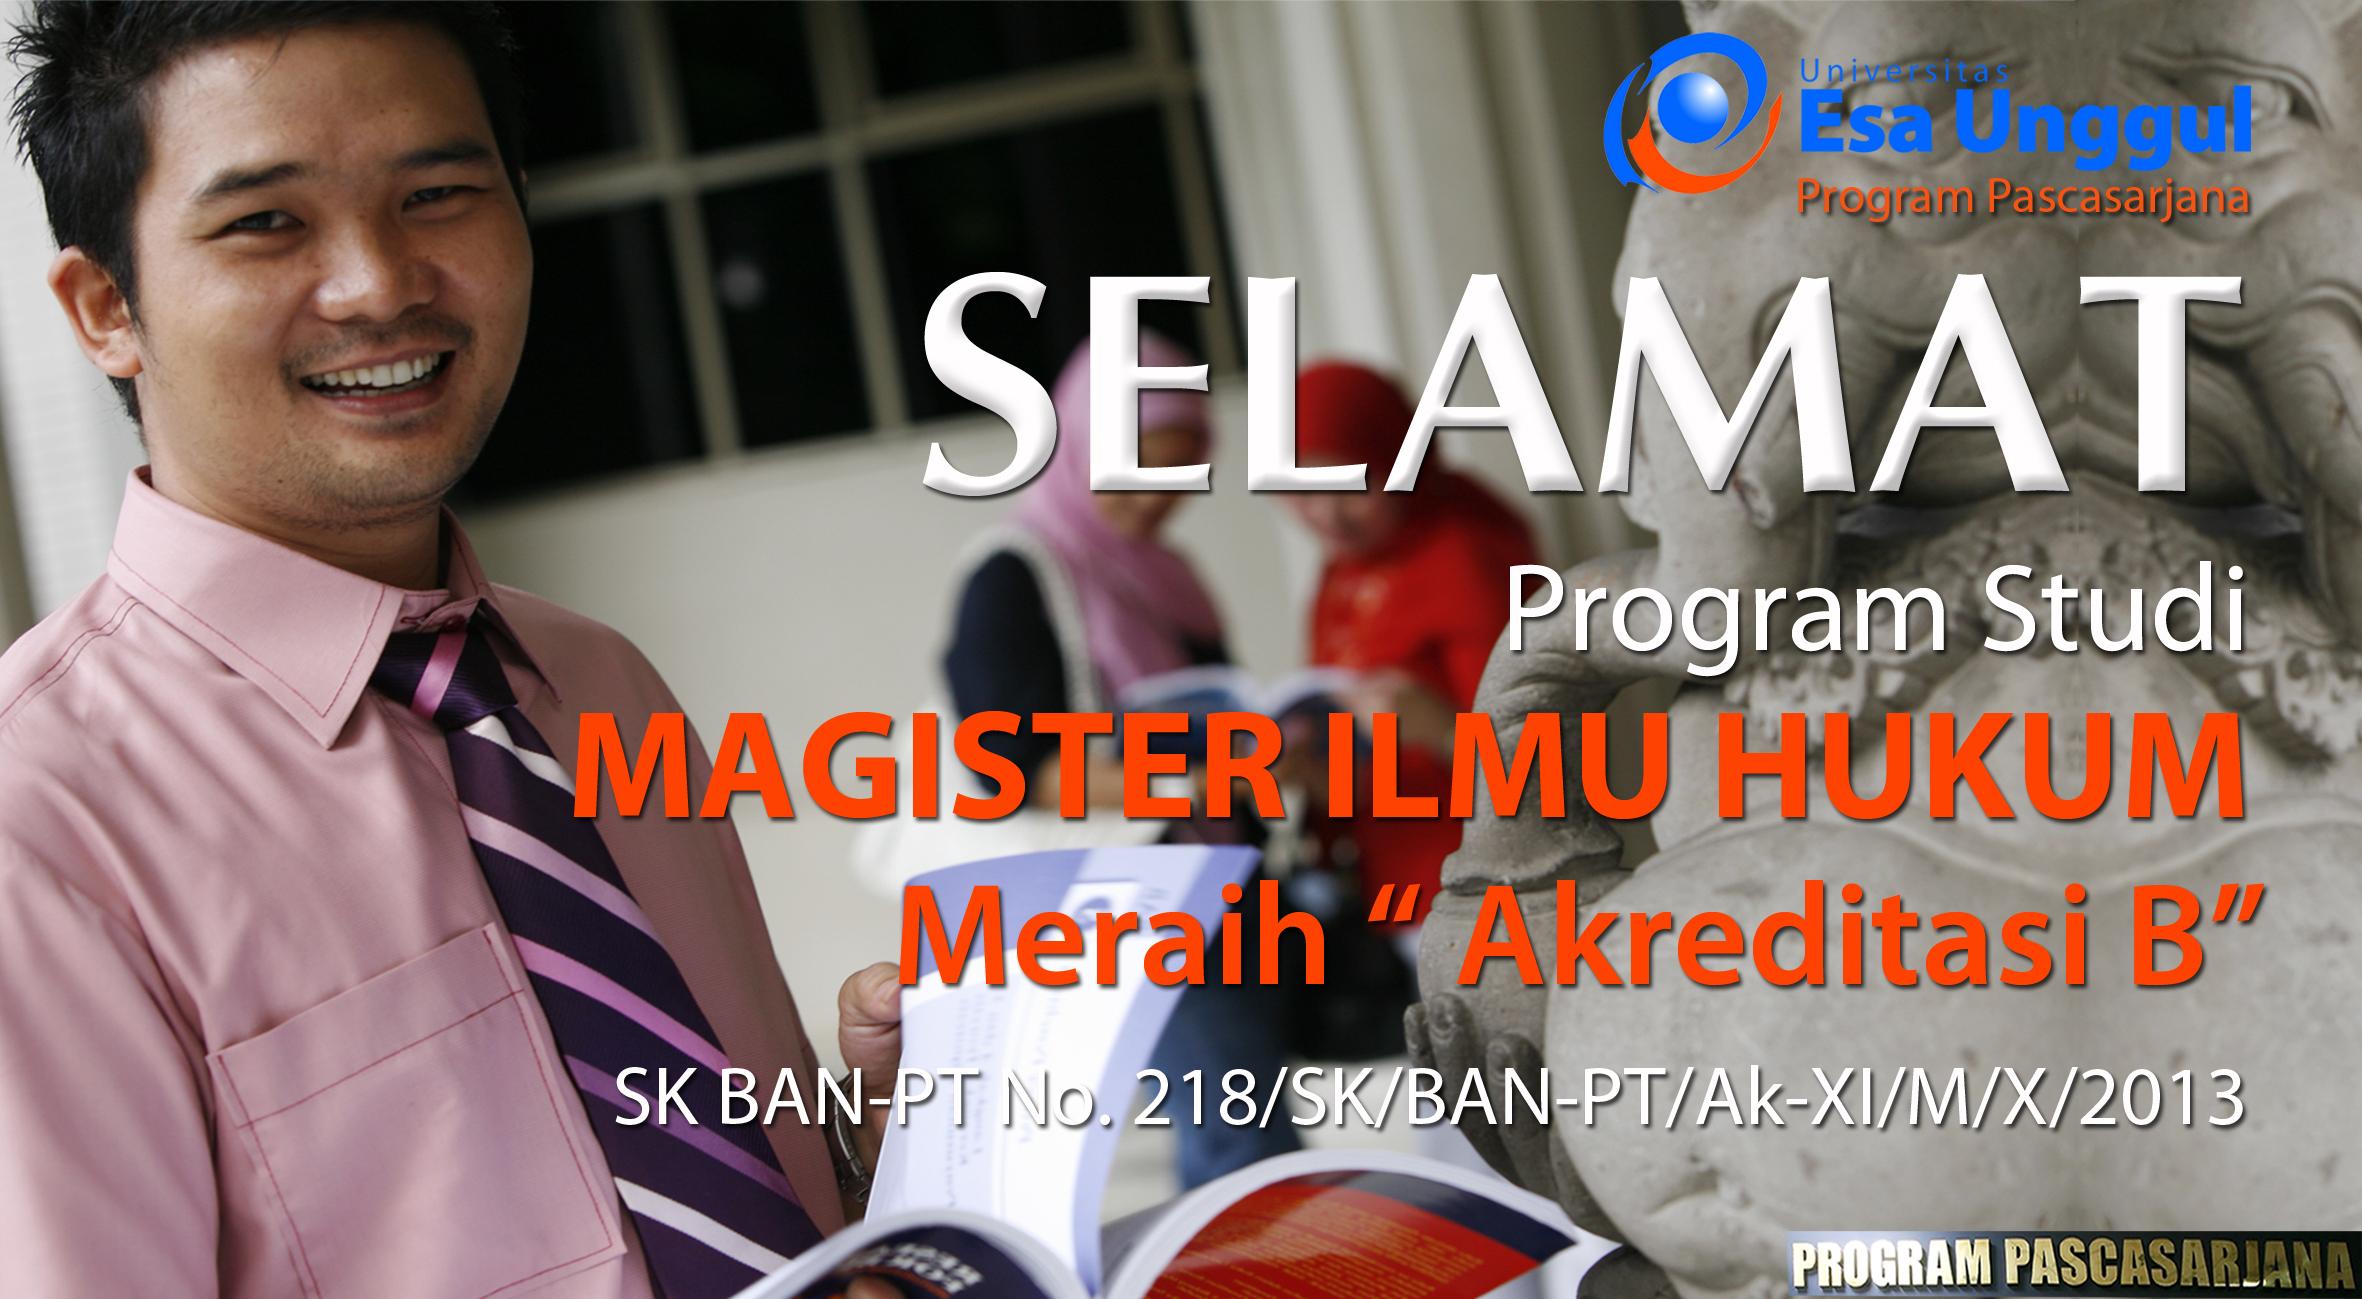 Program Studi Magister Ilmu Hukum (MH) Program Pascasarjana Universitas Esa Unggul meraih Akreditasi B – SK BAN-PT No. 218/SK/BAN-PT/Ak-XI/M/X/2013